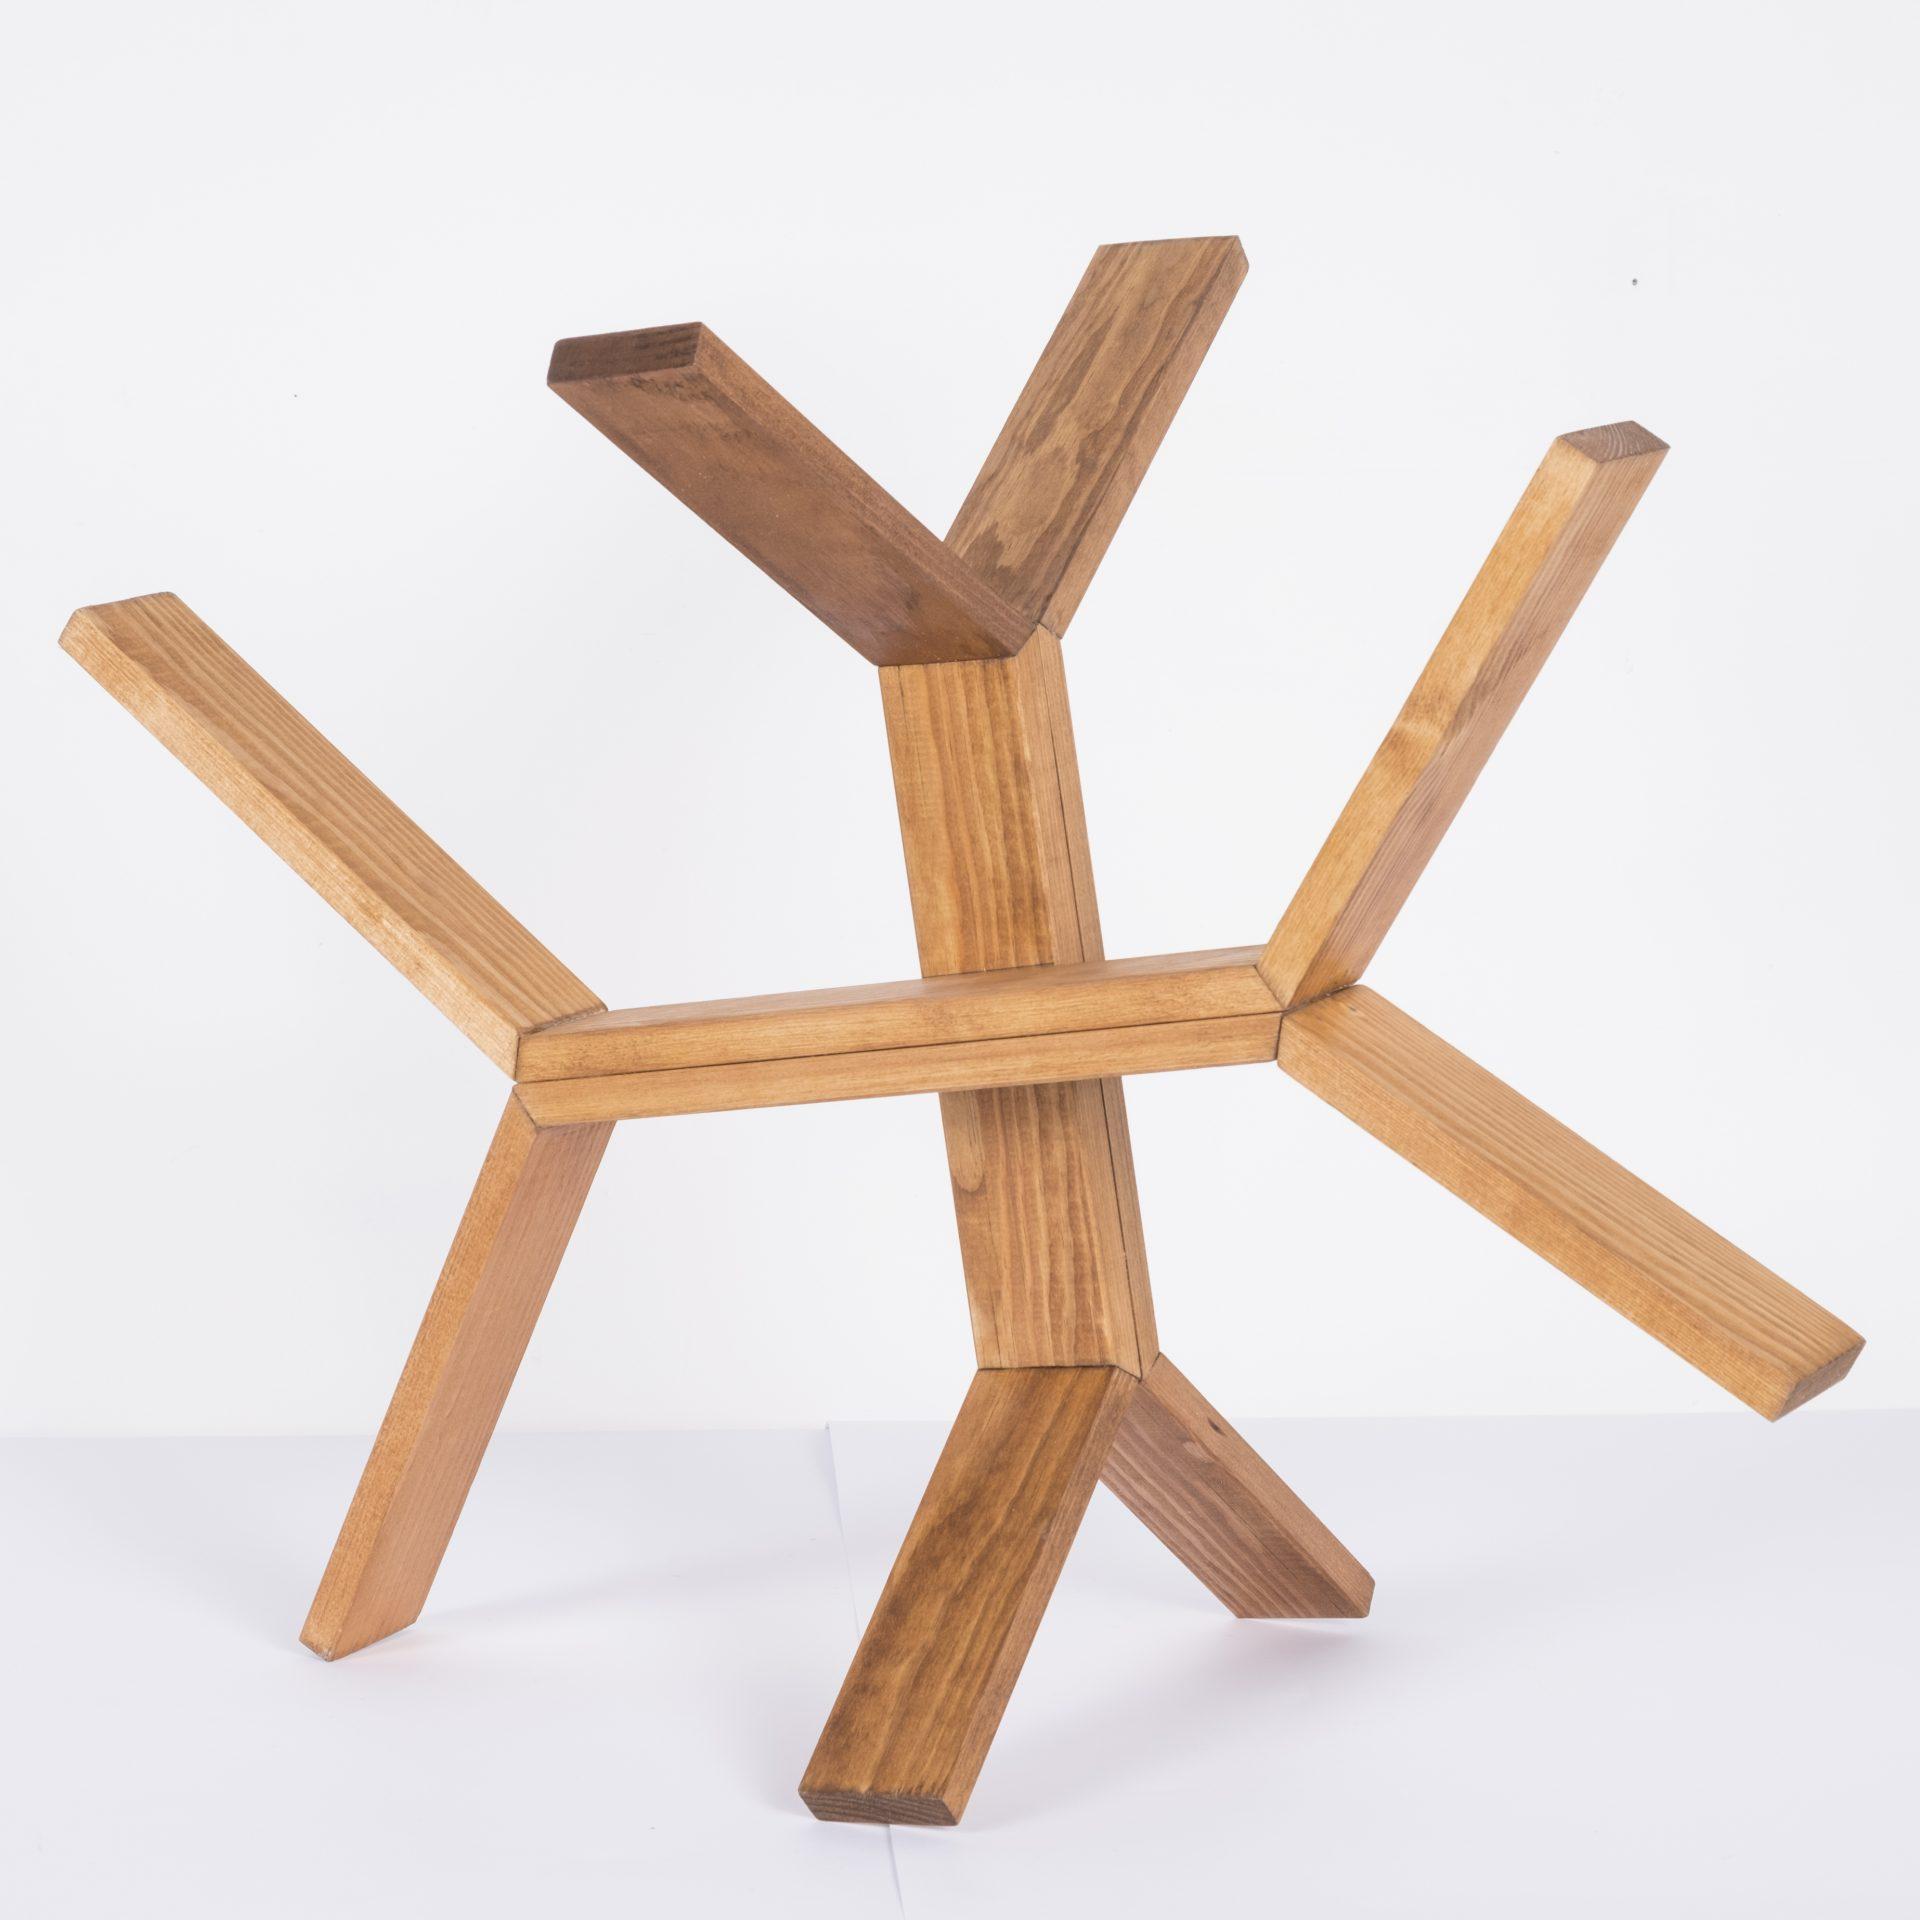 Unlimited in Dynamo<br>RMR18<br>misure: circa 50 x 50 cm<br>tecnica: legno <br>anno: 2018<br><br>DISPONIBILE